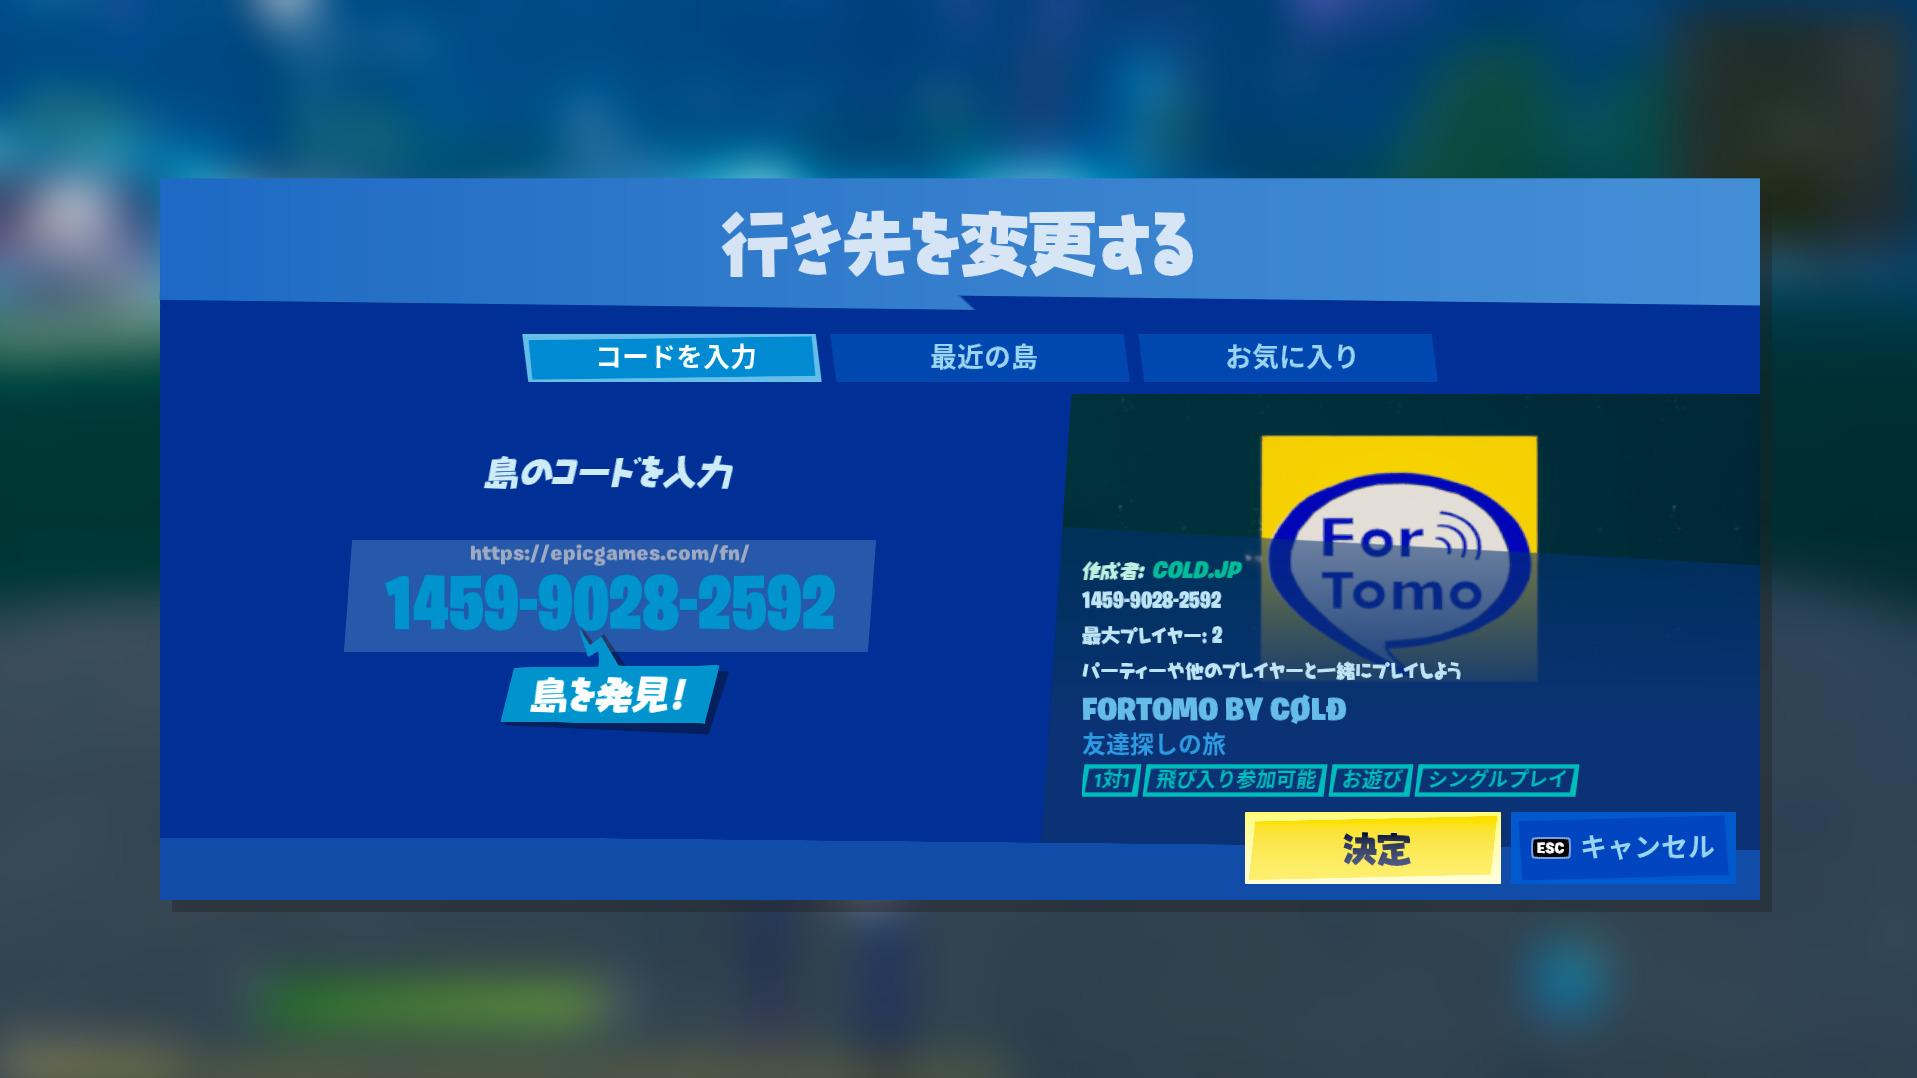 【フォートナイト】フォートモの島コードを紹介【Fortnite】